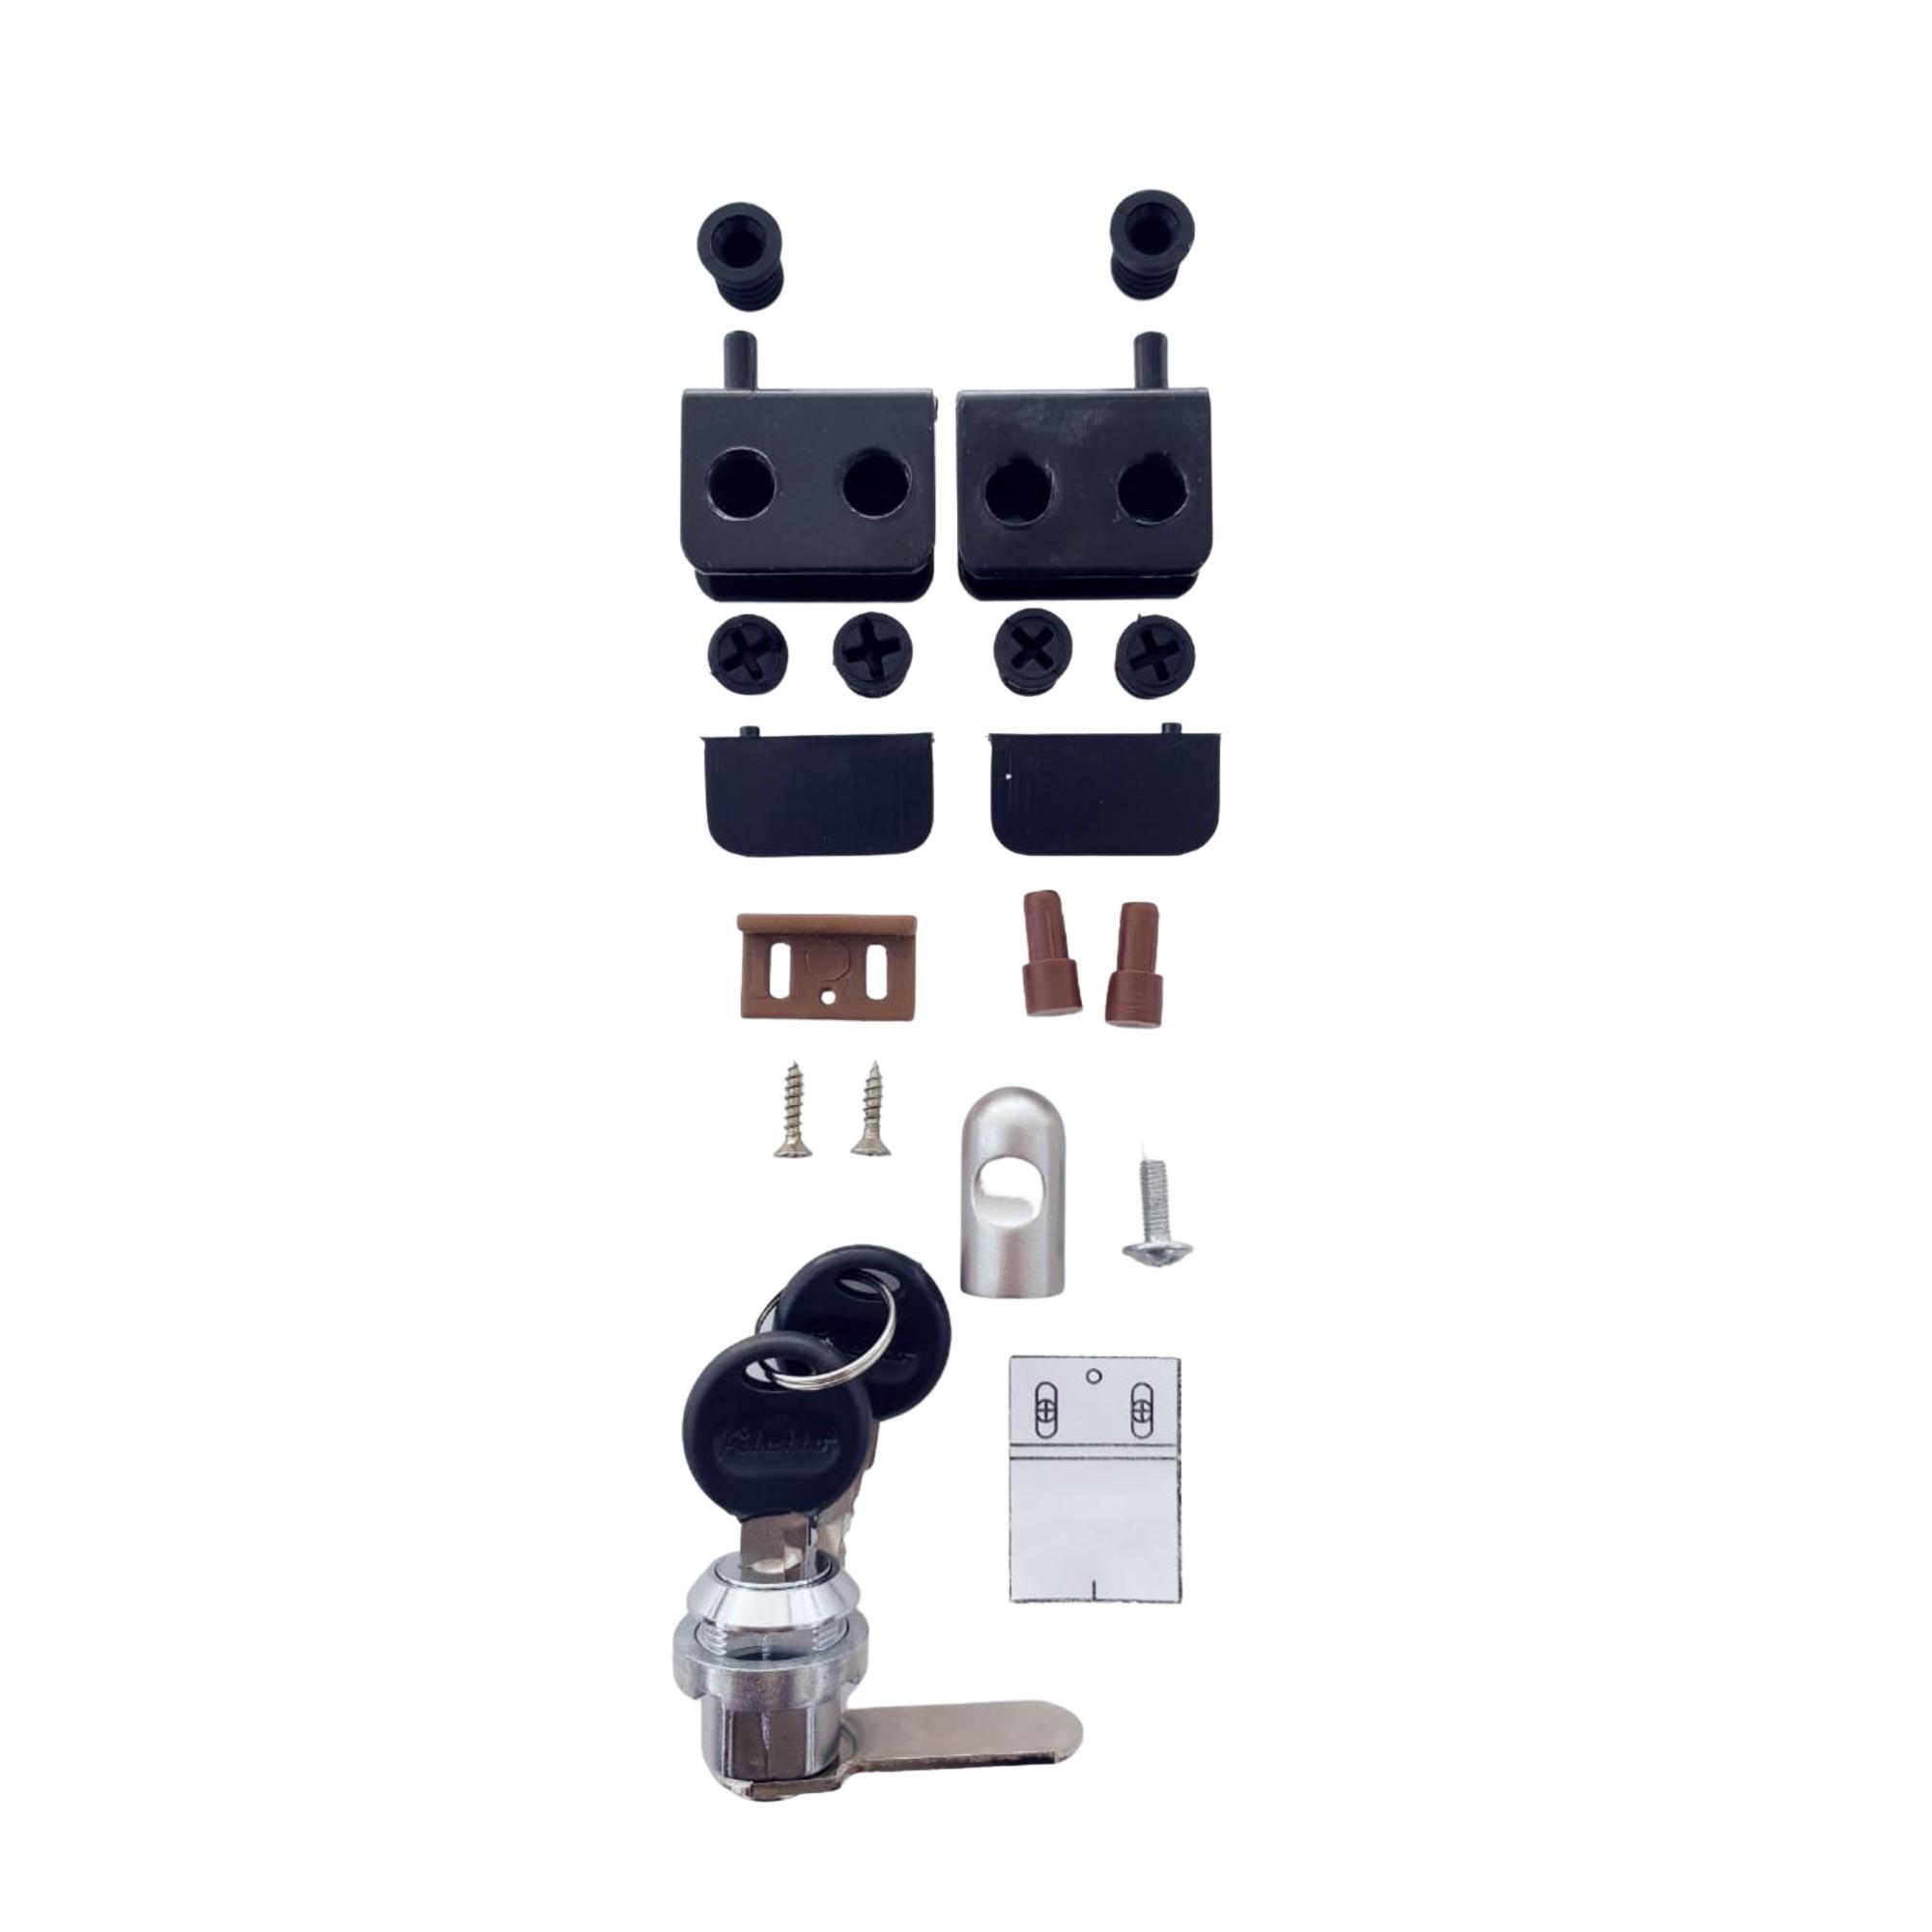 Kit de dobradiças/ferragens para 1 porta de vidro com projeto Bürohaus